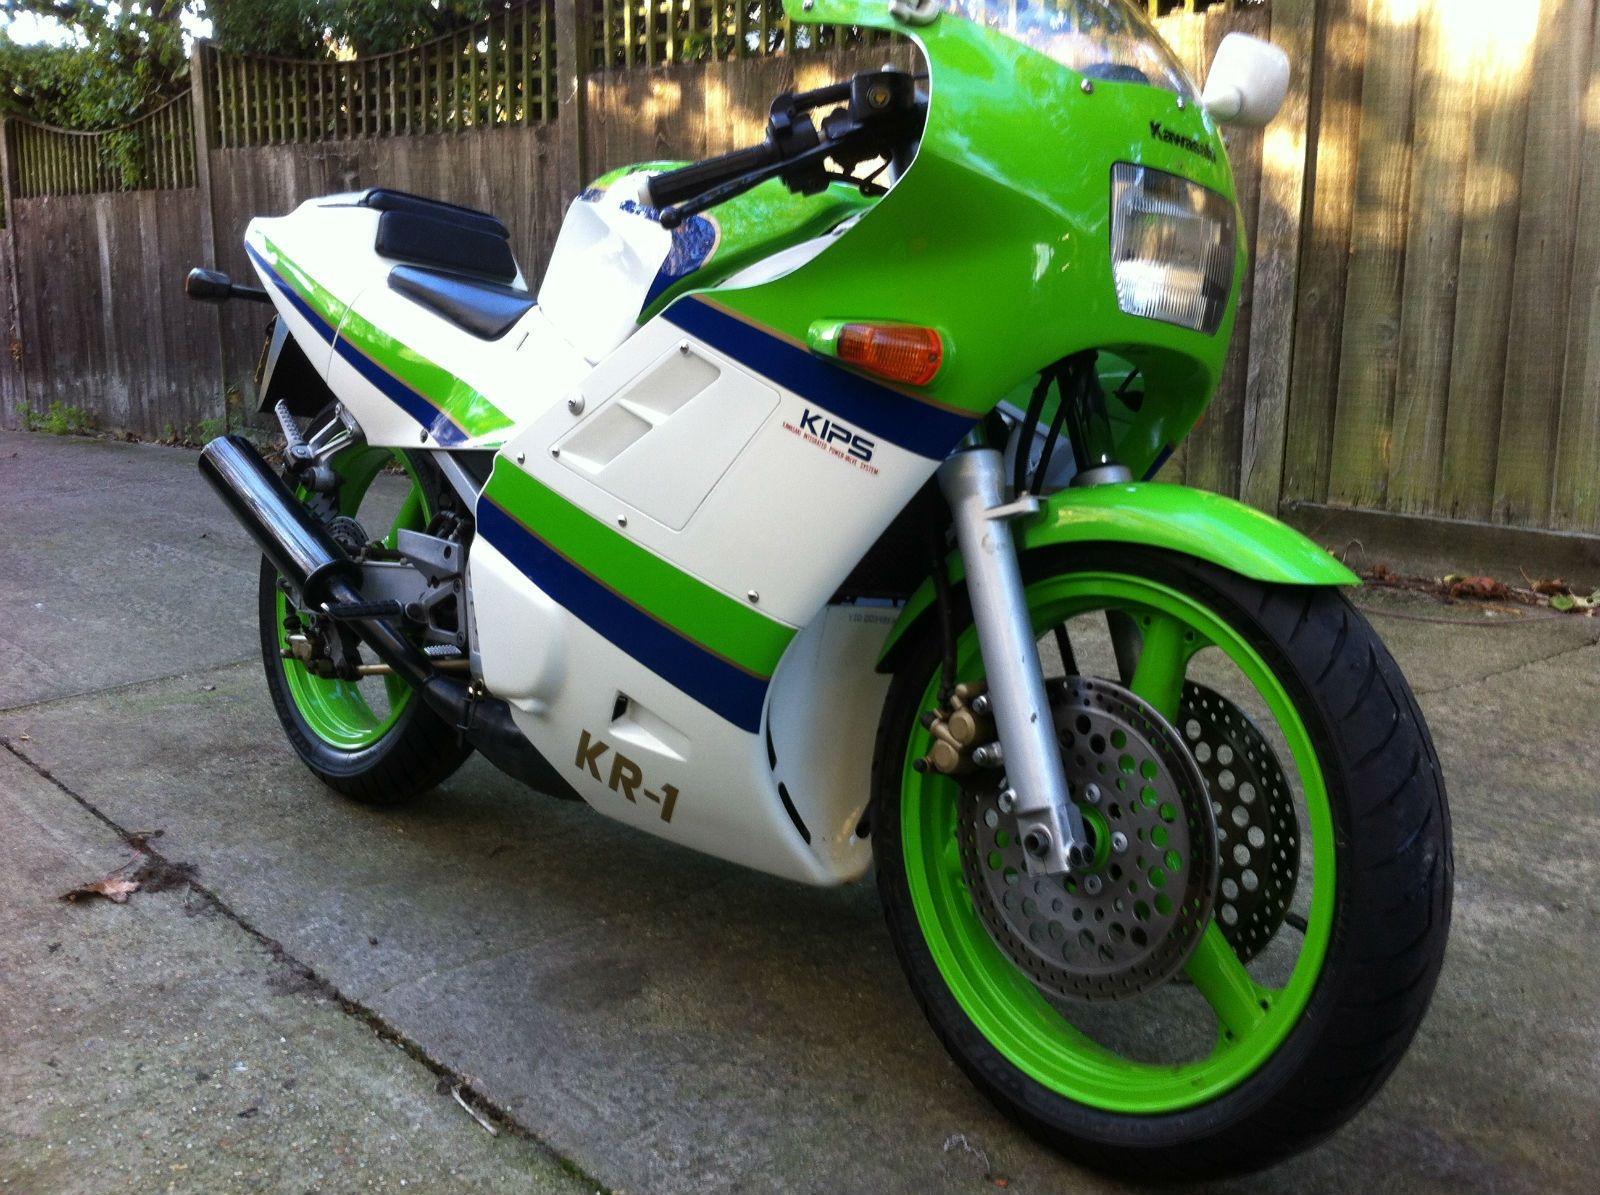 Kawasaki KR-1 Motorcycles, Motorbikes, Choppers, Crotch Rockets